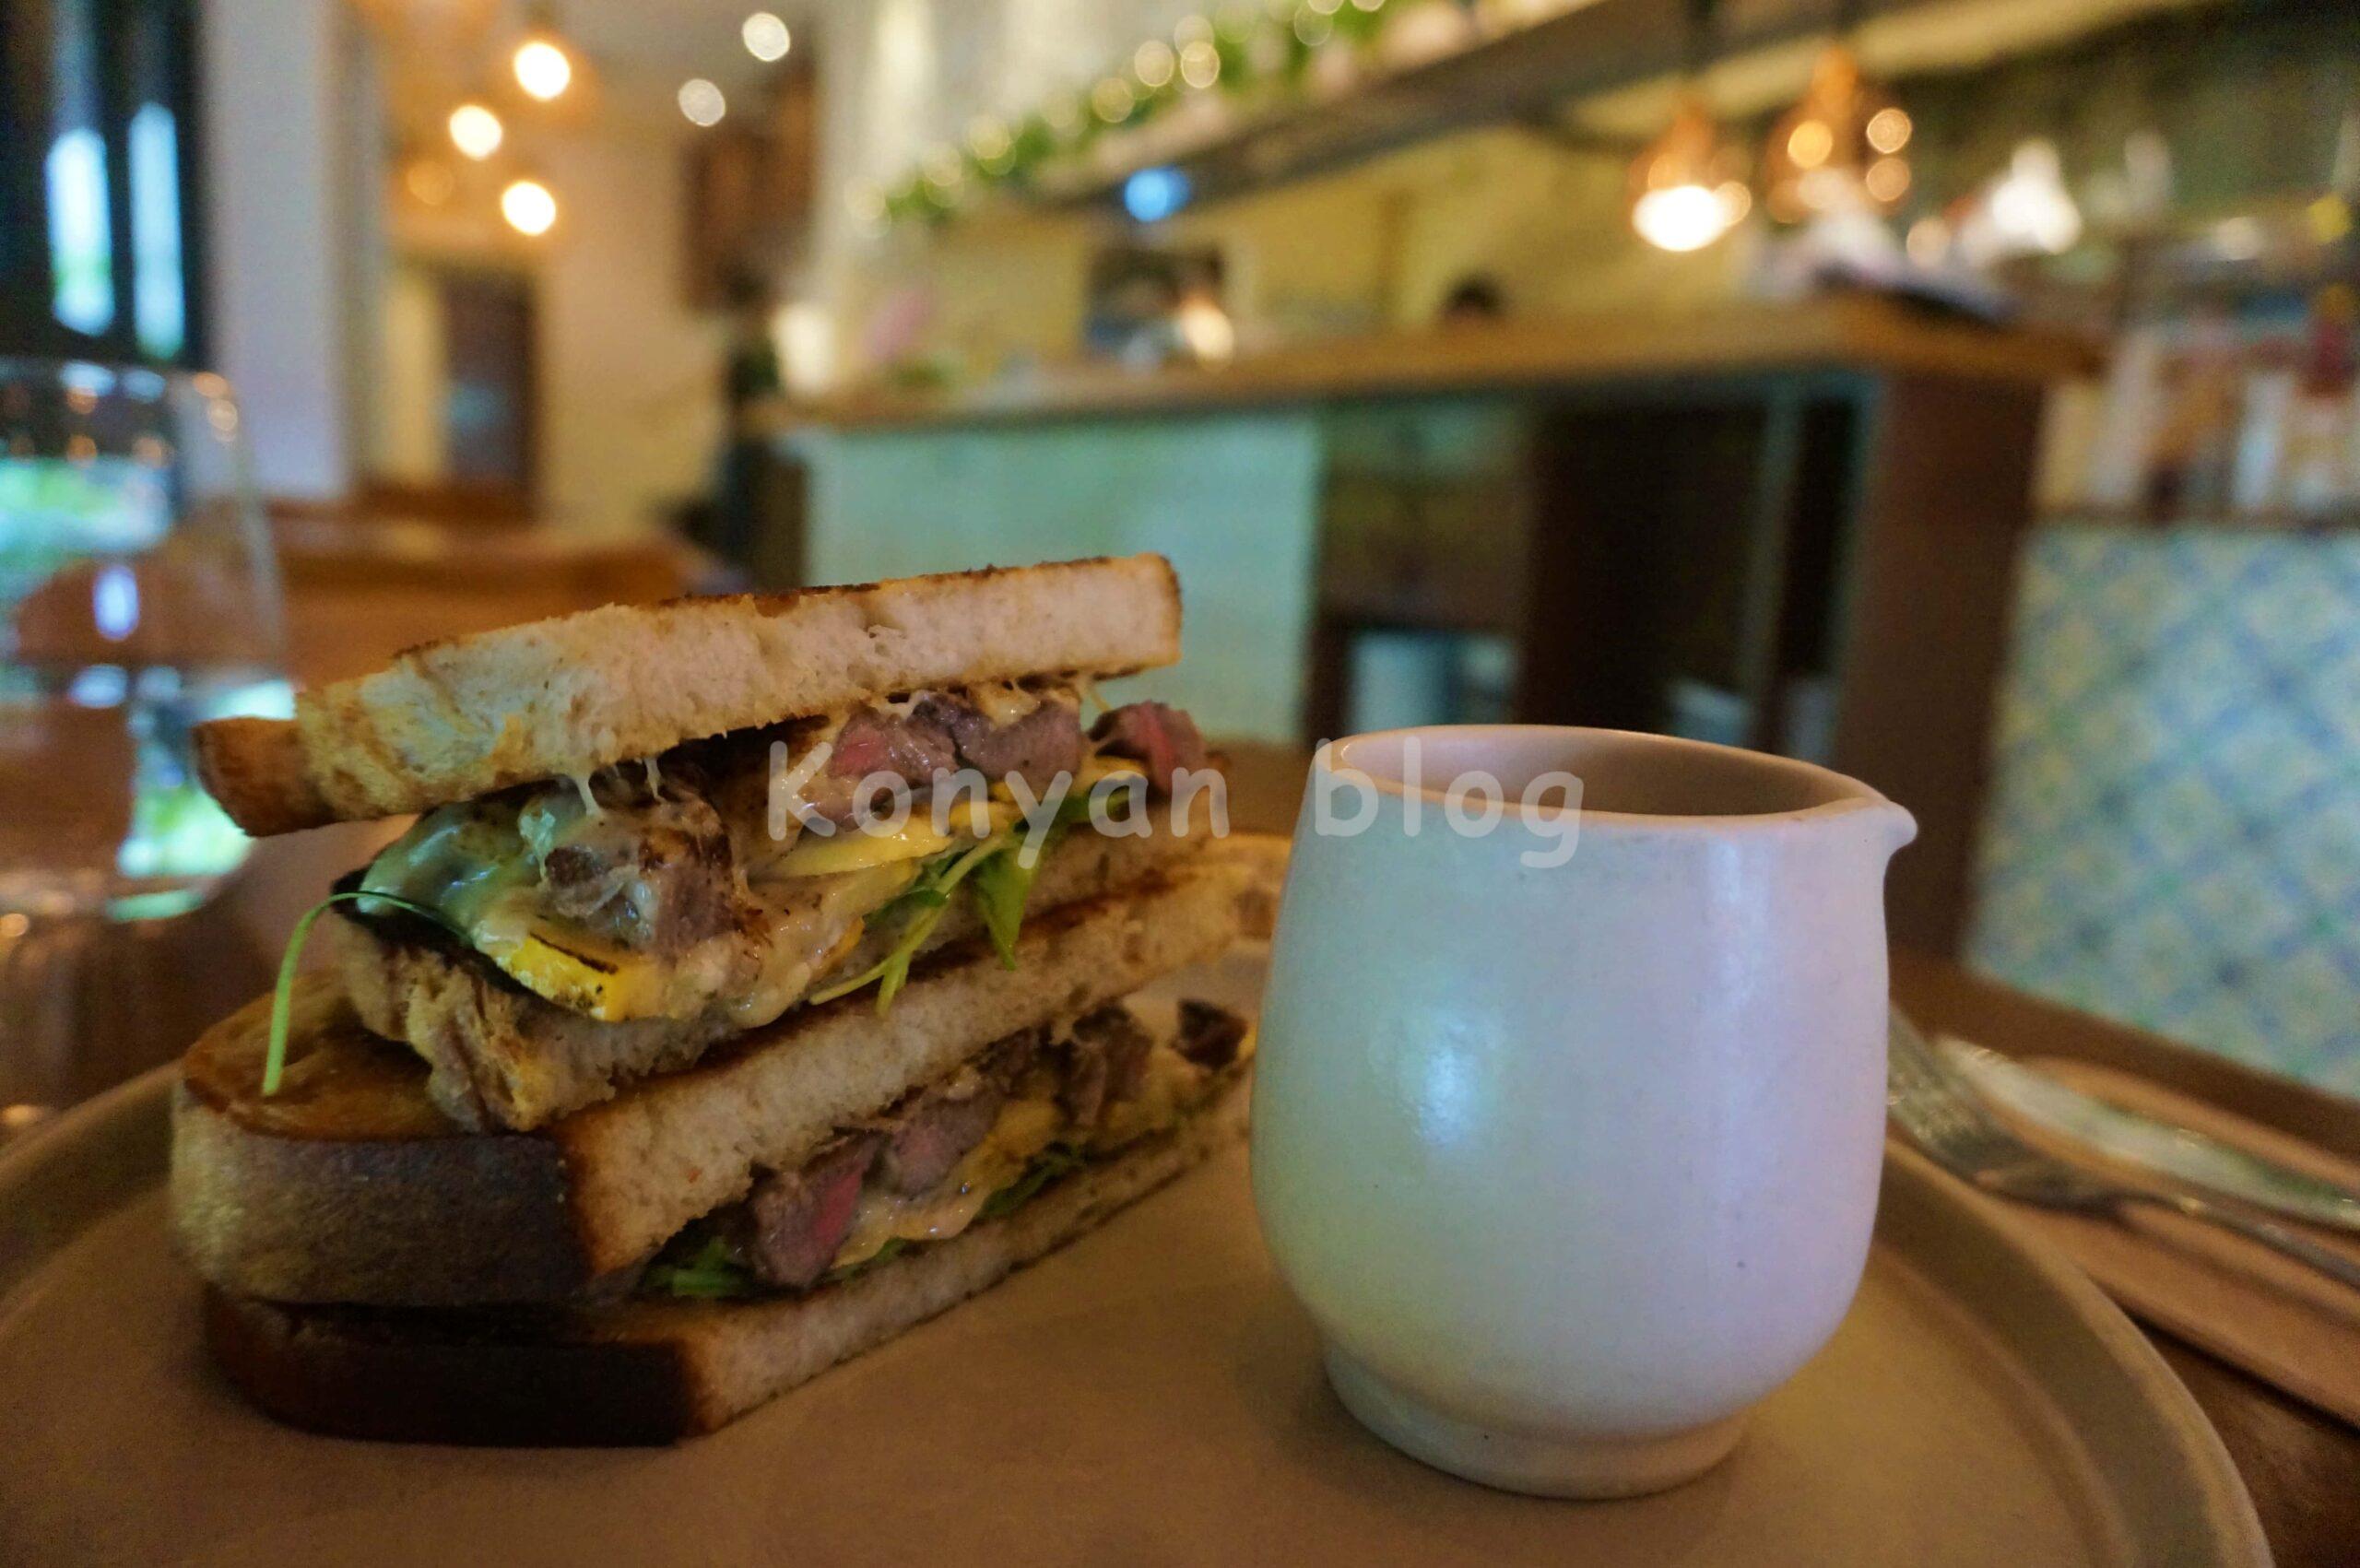 Char Lina Asado + Bar steak sandwich